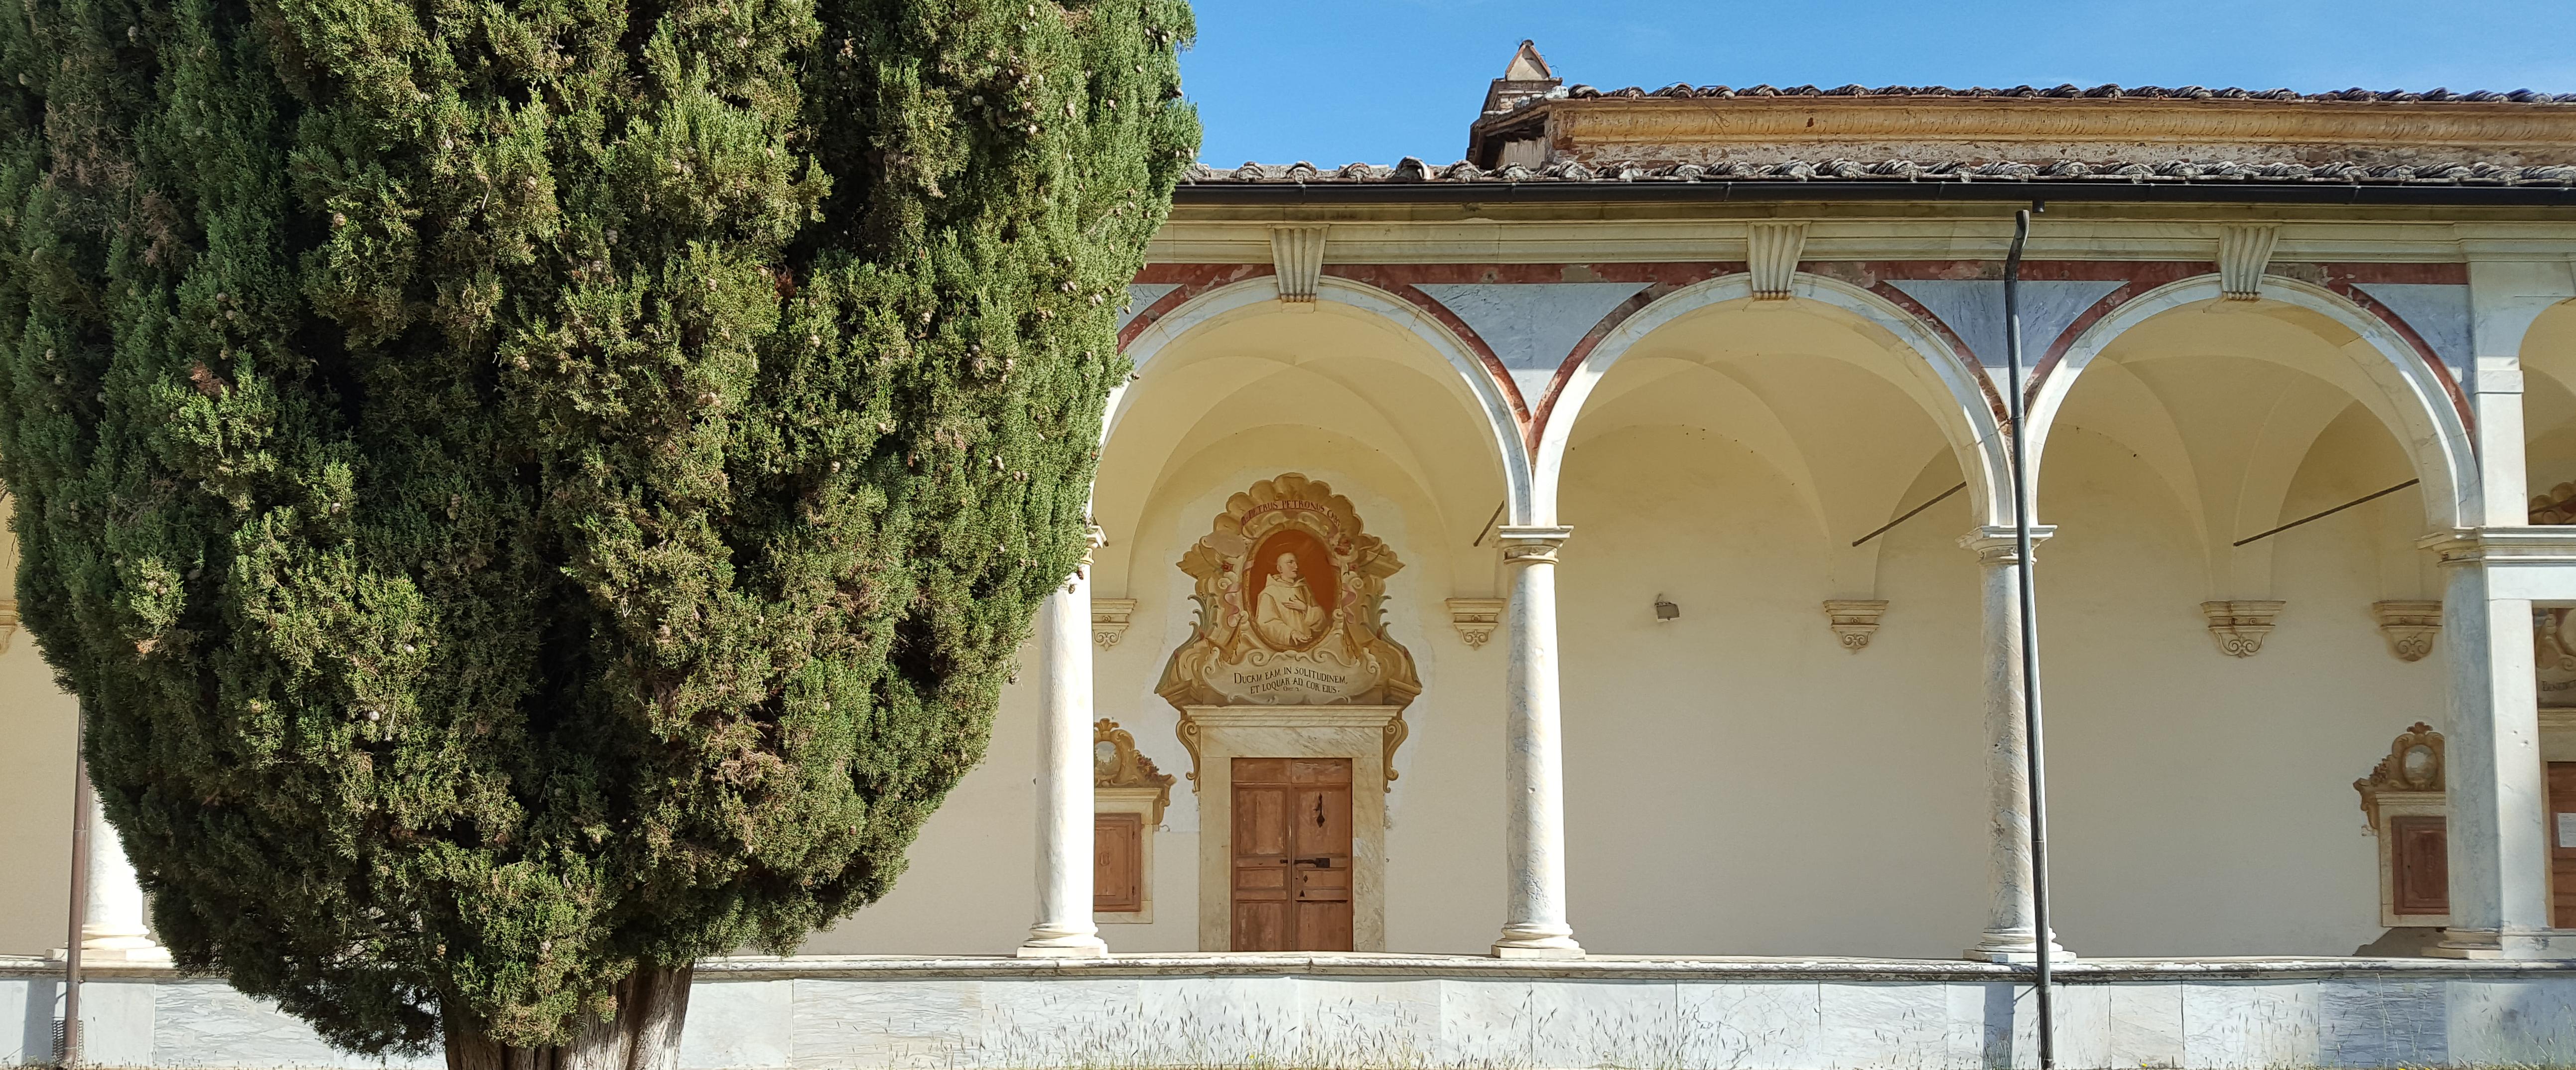 Calci | Museo Nazionale della Certosa Monumentale